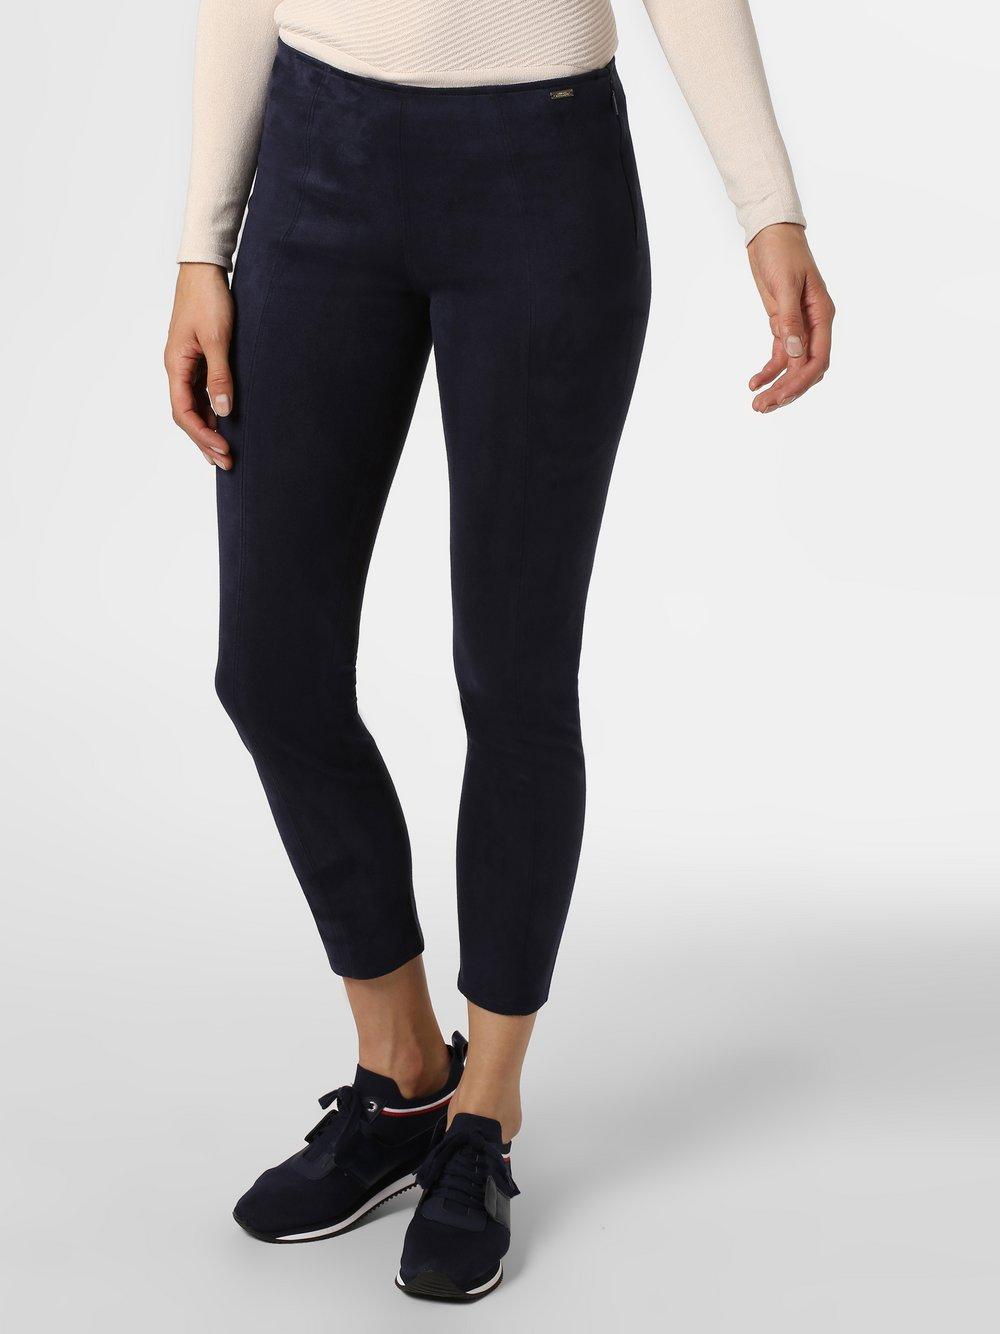 Armani Exchange - Spodnie damskie, niebieski